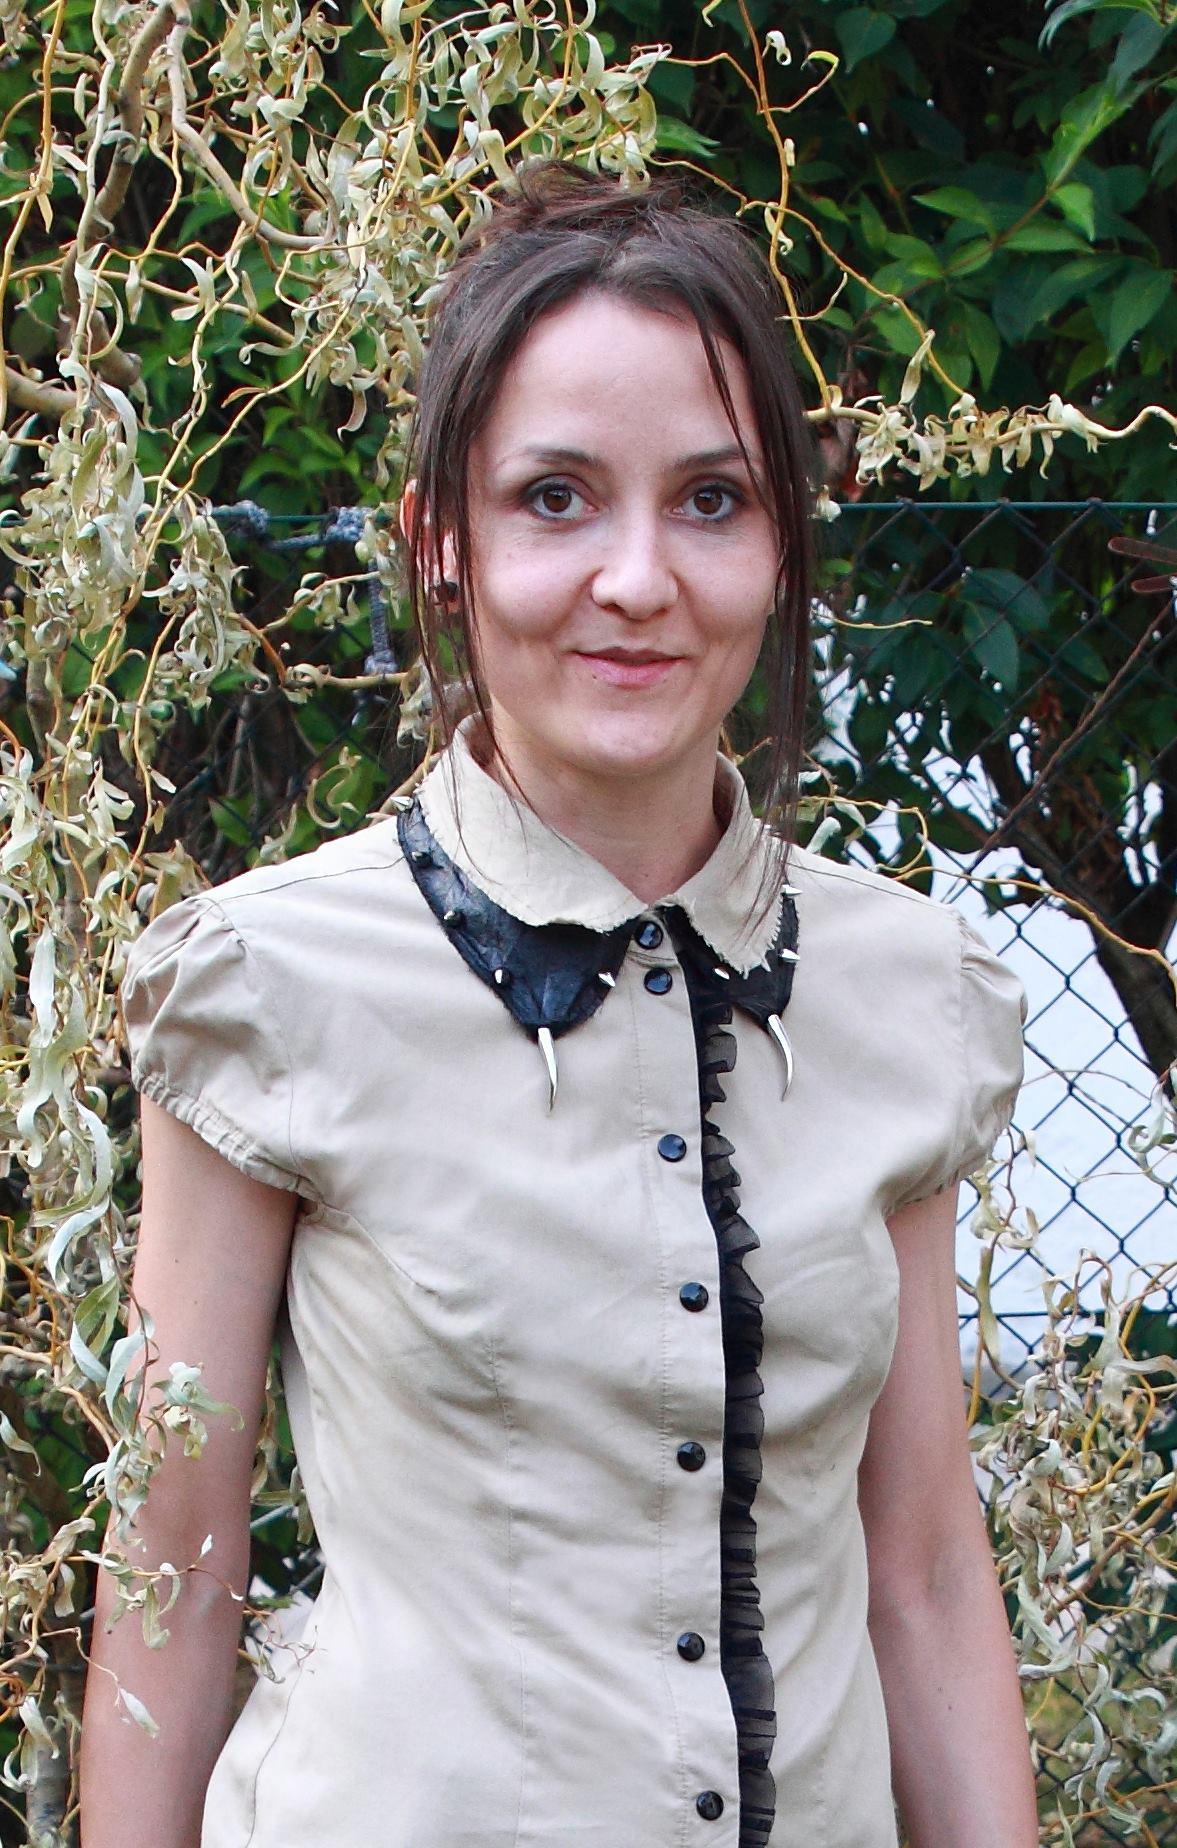 Designerin Sylwia Dyczka in einer ihrer selbst entworfenen und genähten Lieblingsbluse